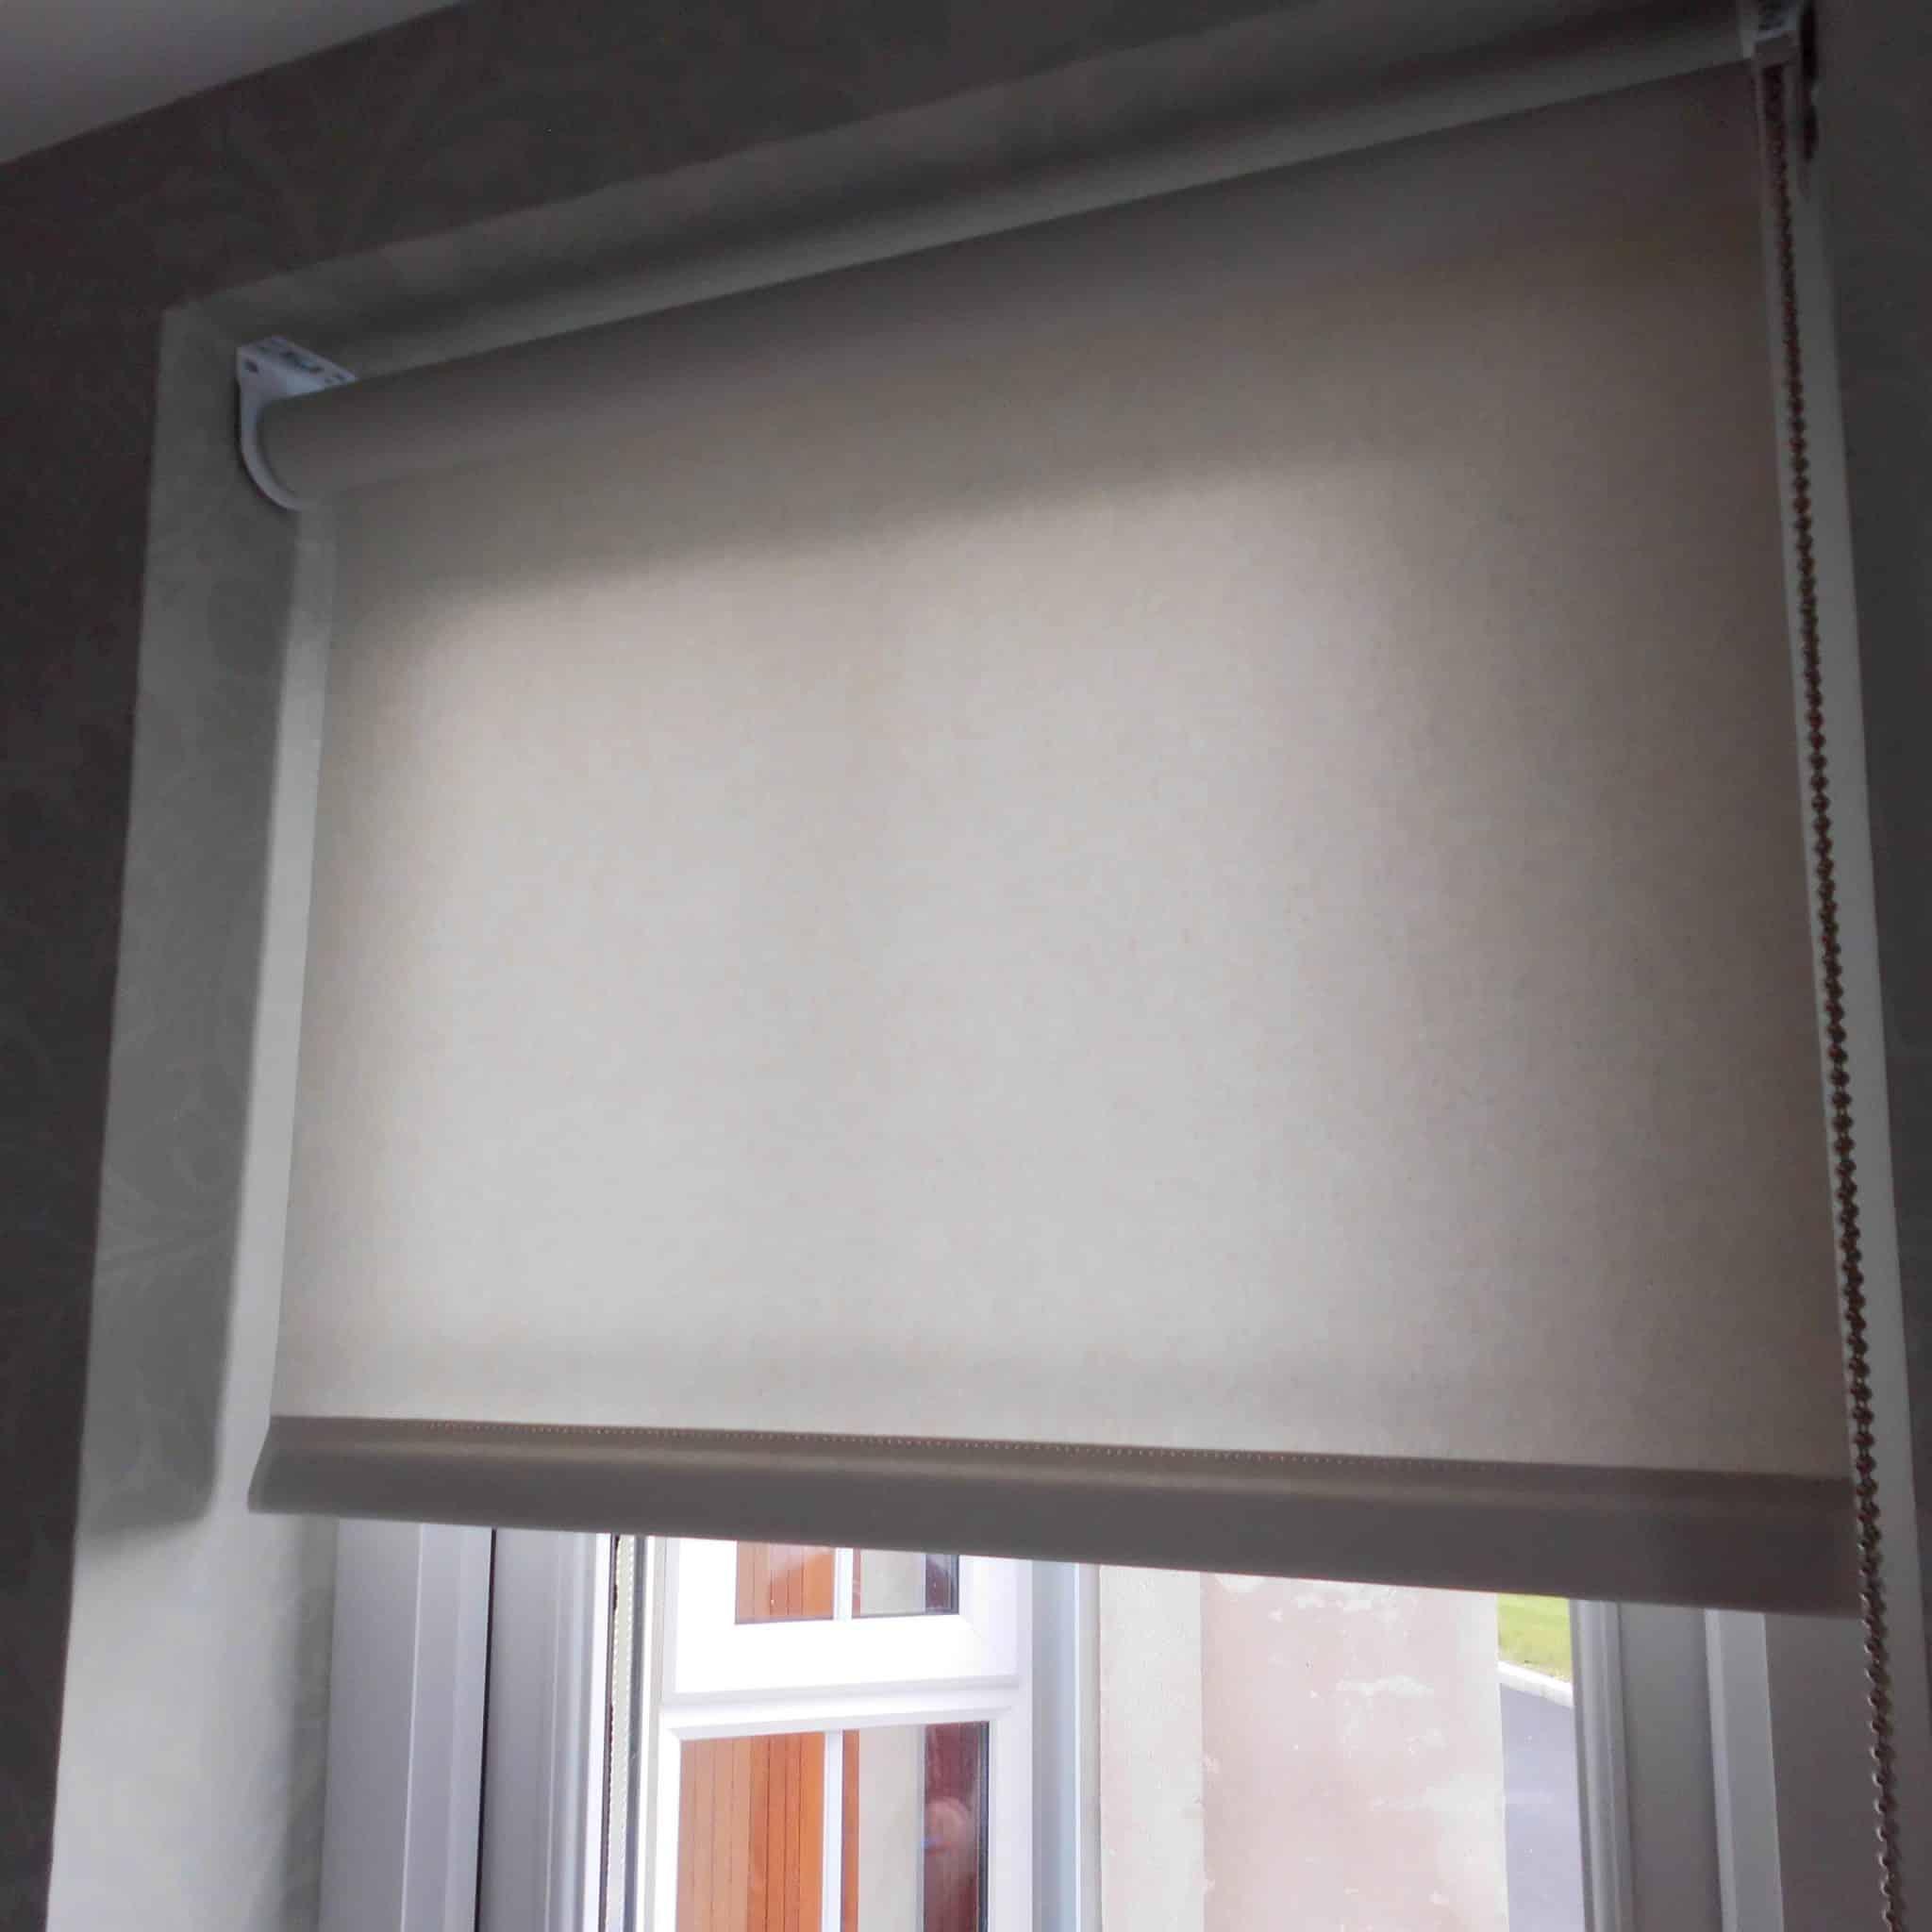 Blind Installation